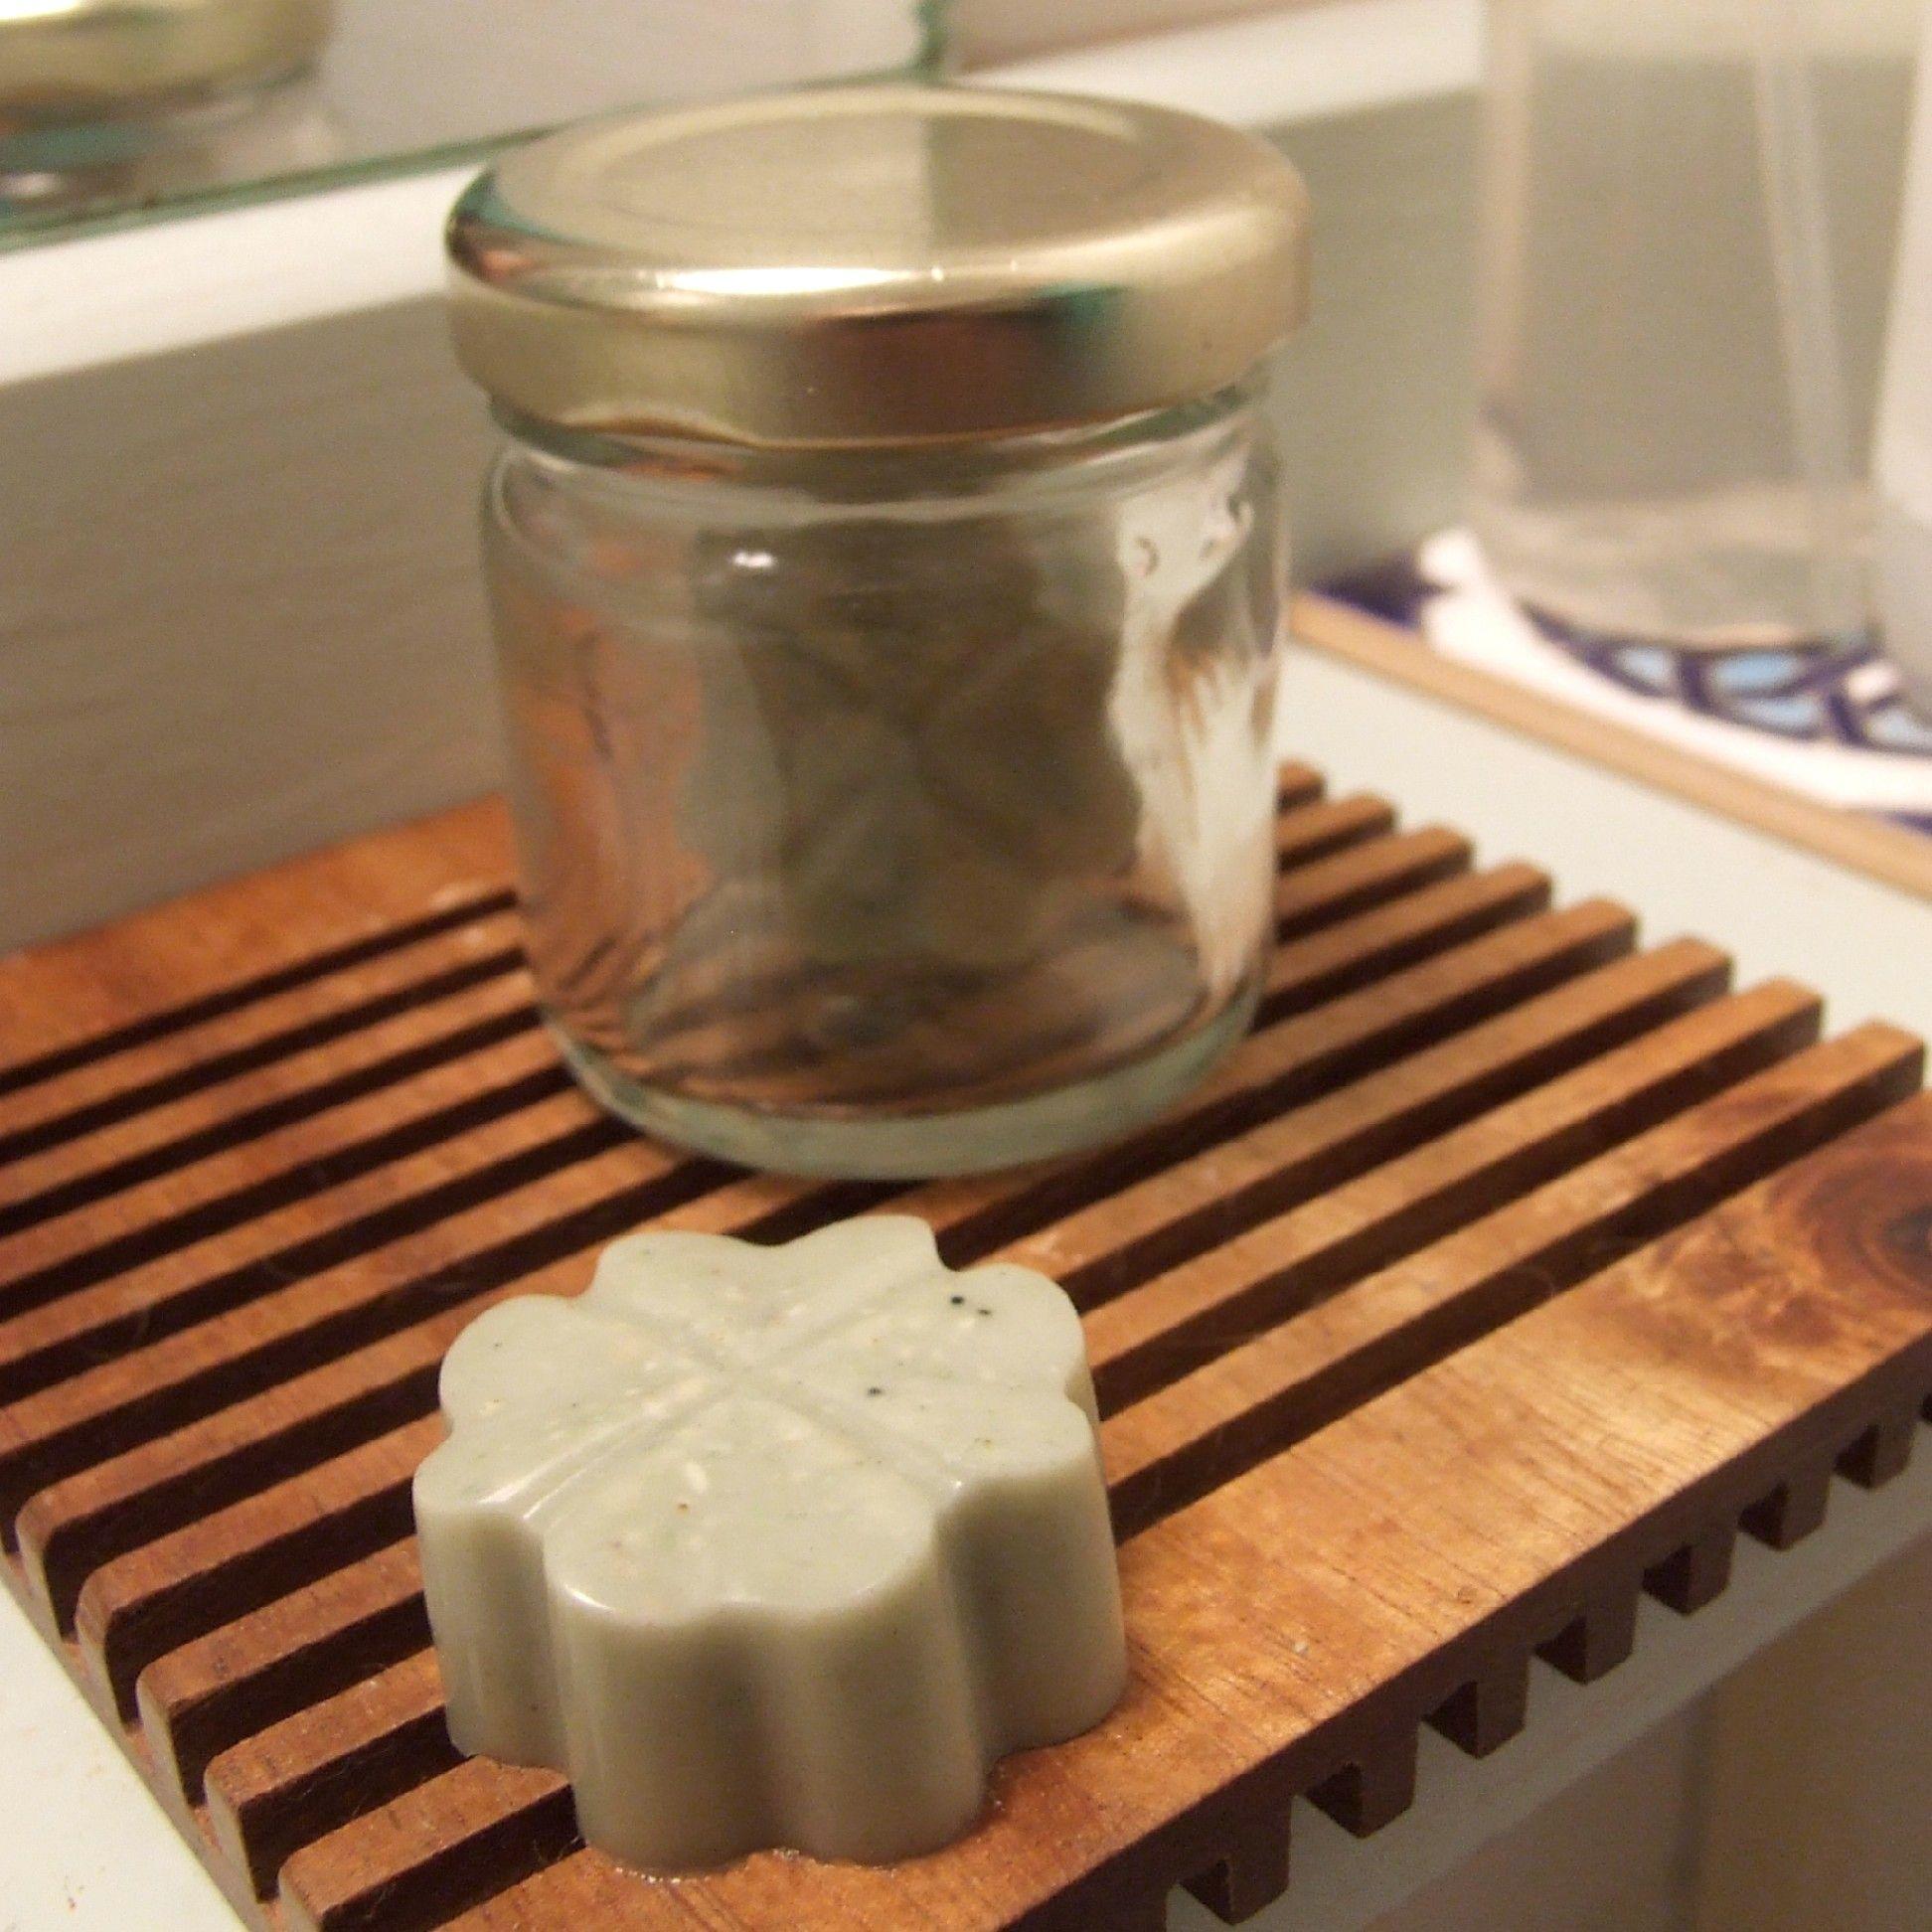 Recette déodorant naturel. Soin naturel. Fait maison. Zéro déchet.